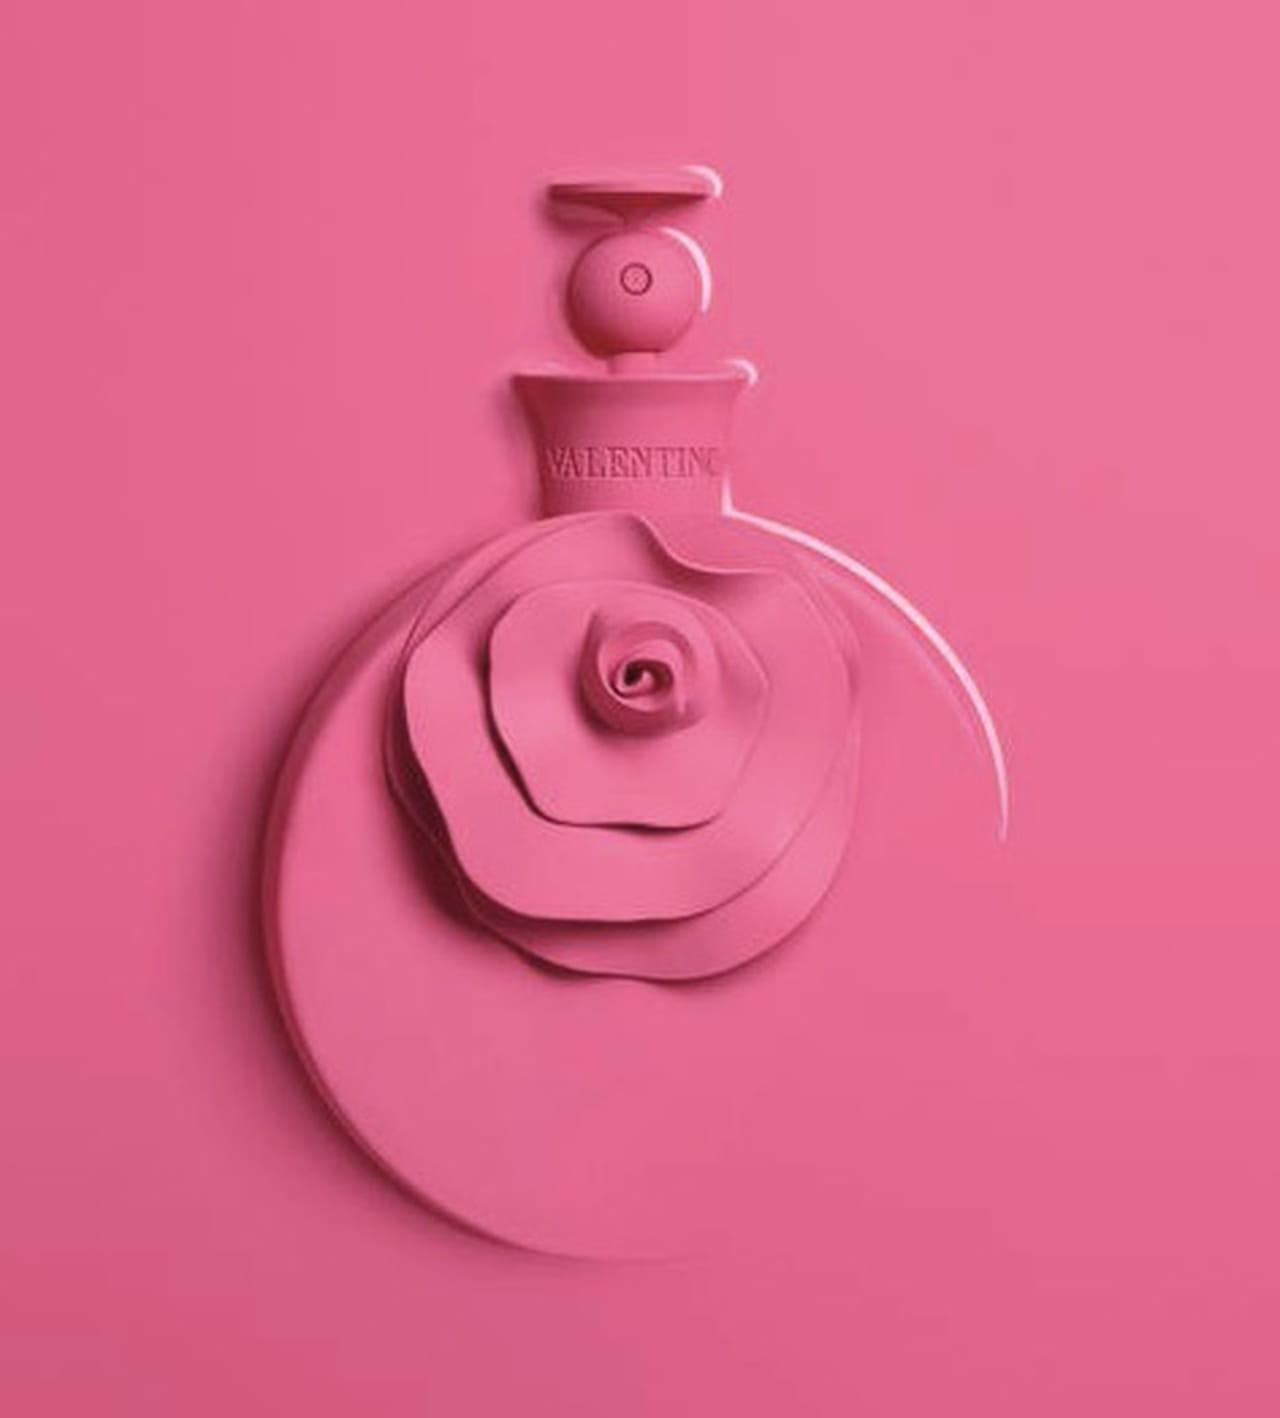 عطر Valentino الوردي الجديد لاستقبال الربيع 867980.jpg